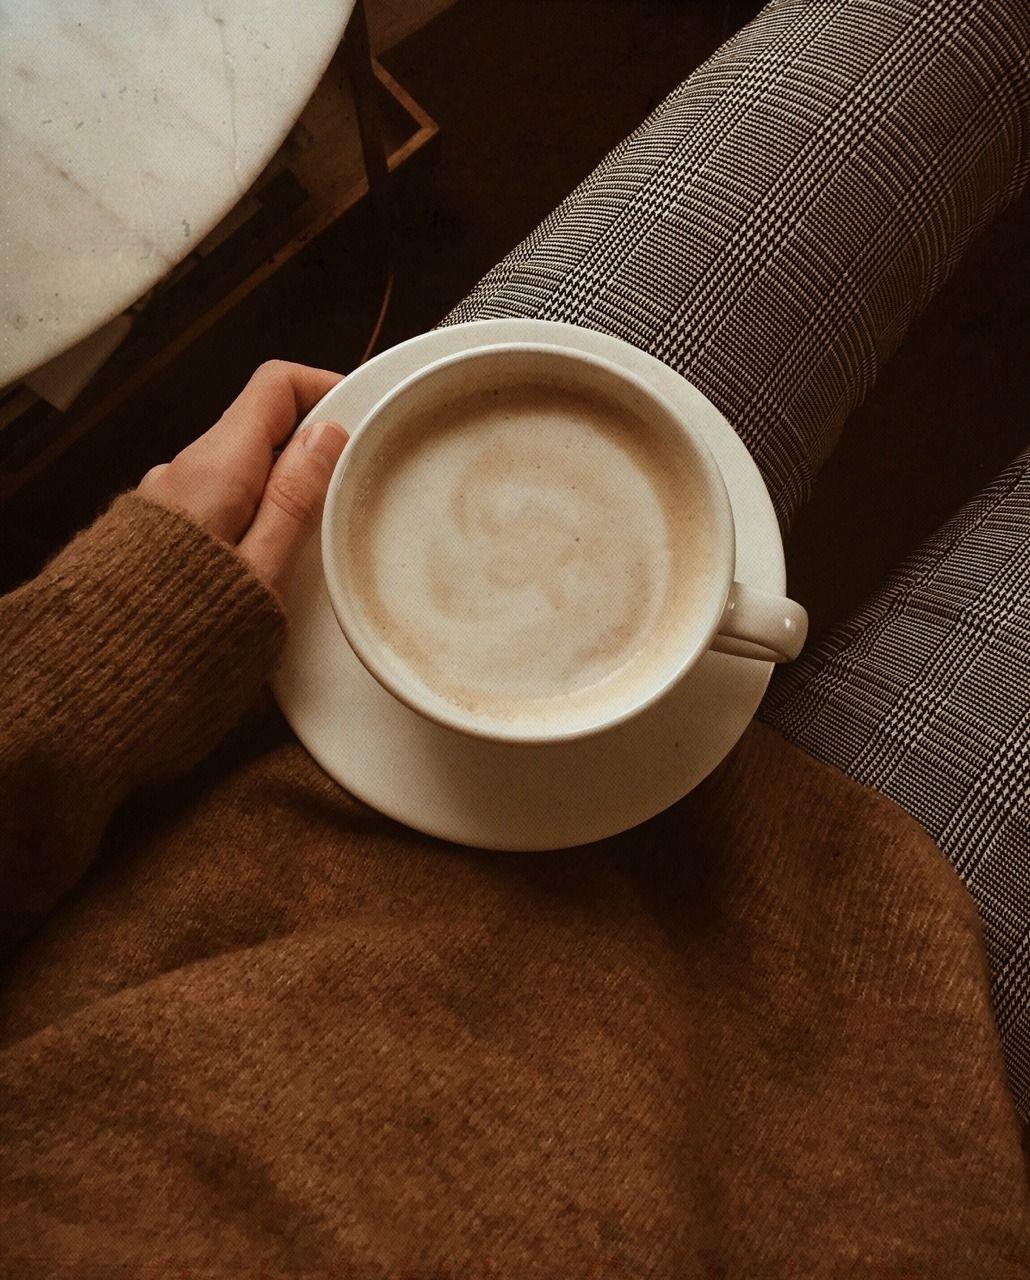 картинка фото кофе реальное